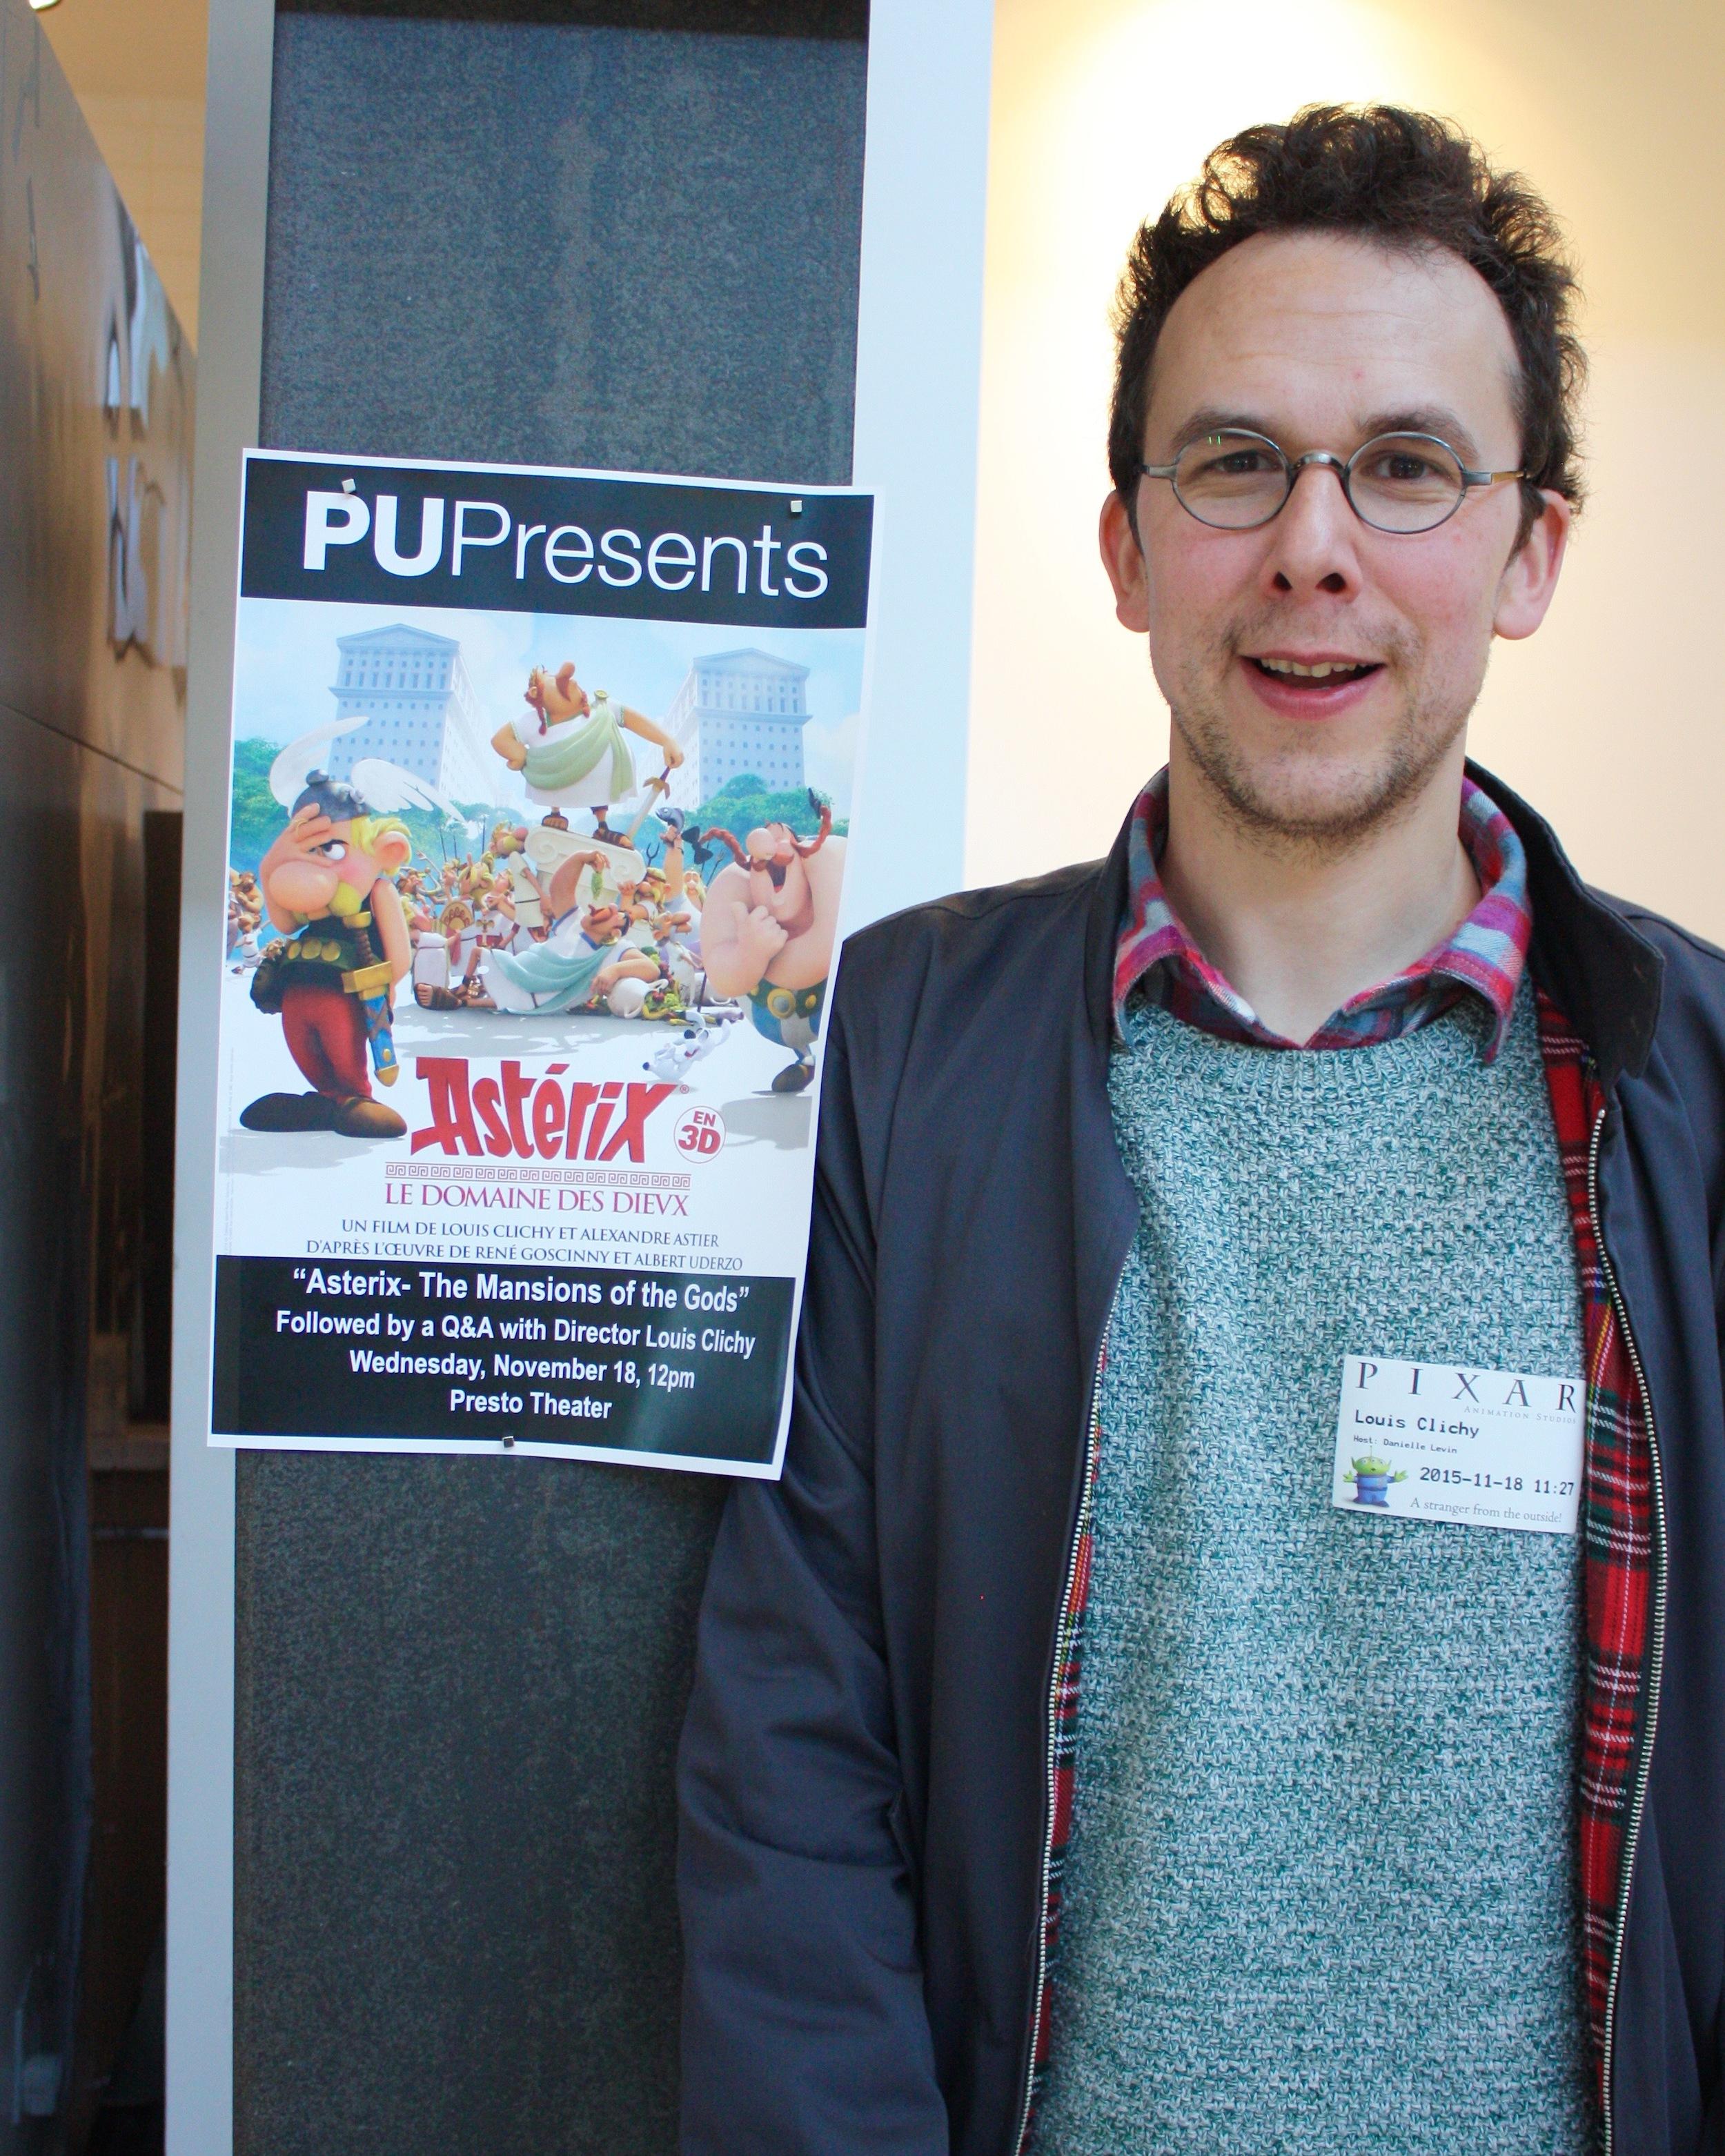 Bringing Asterix to the Pixar campus